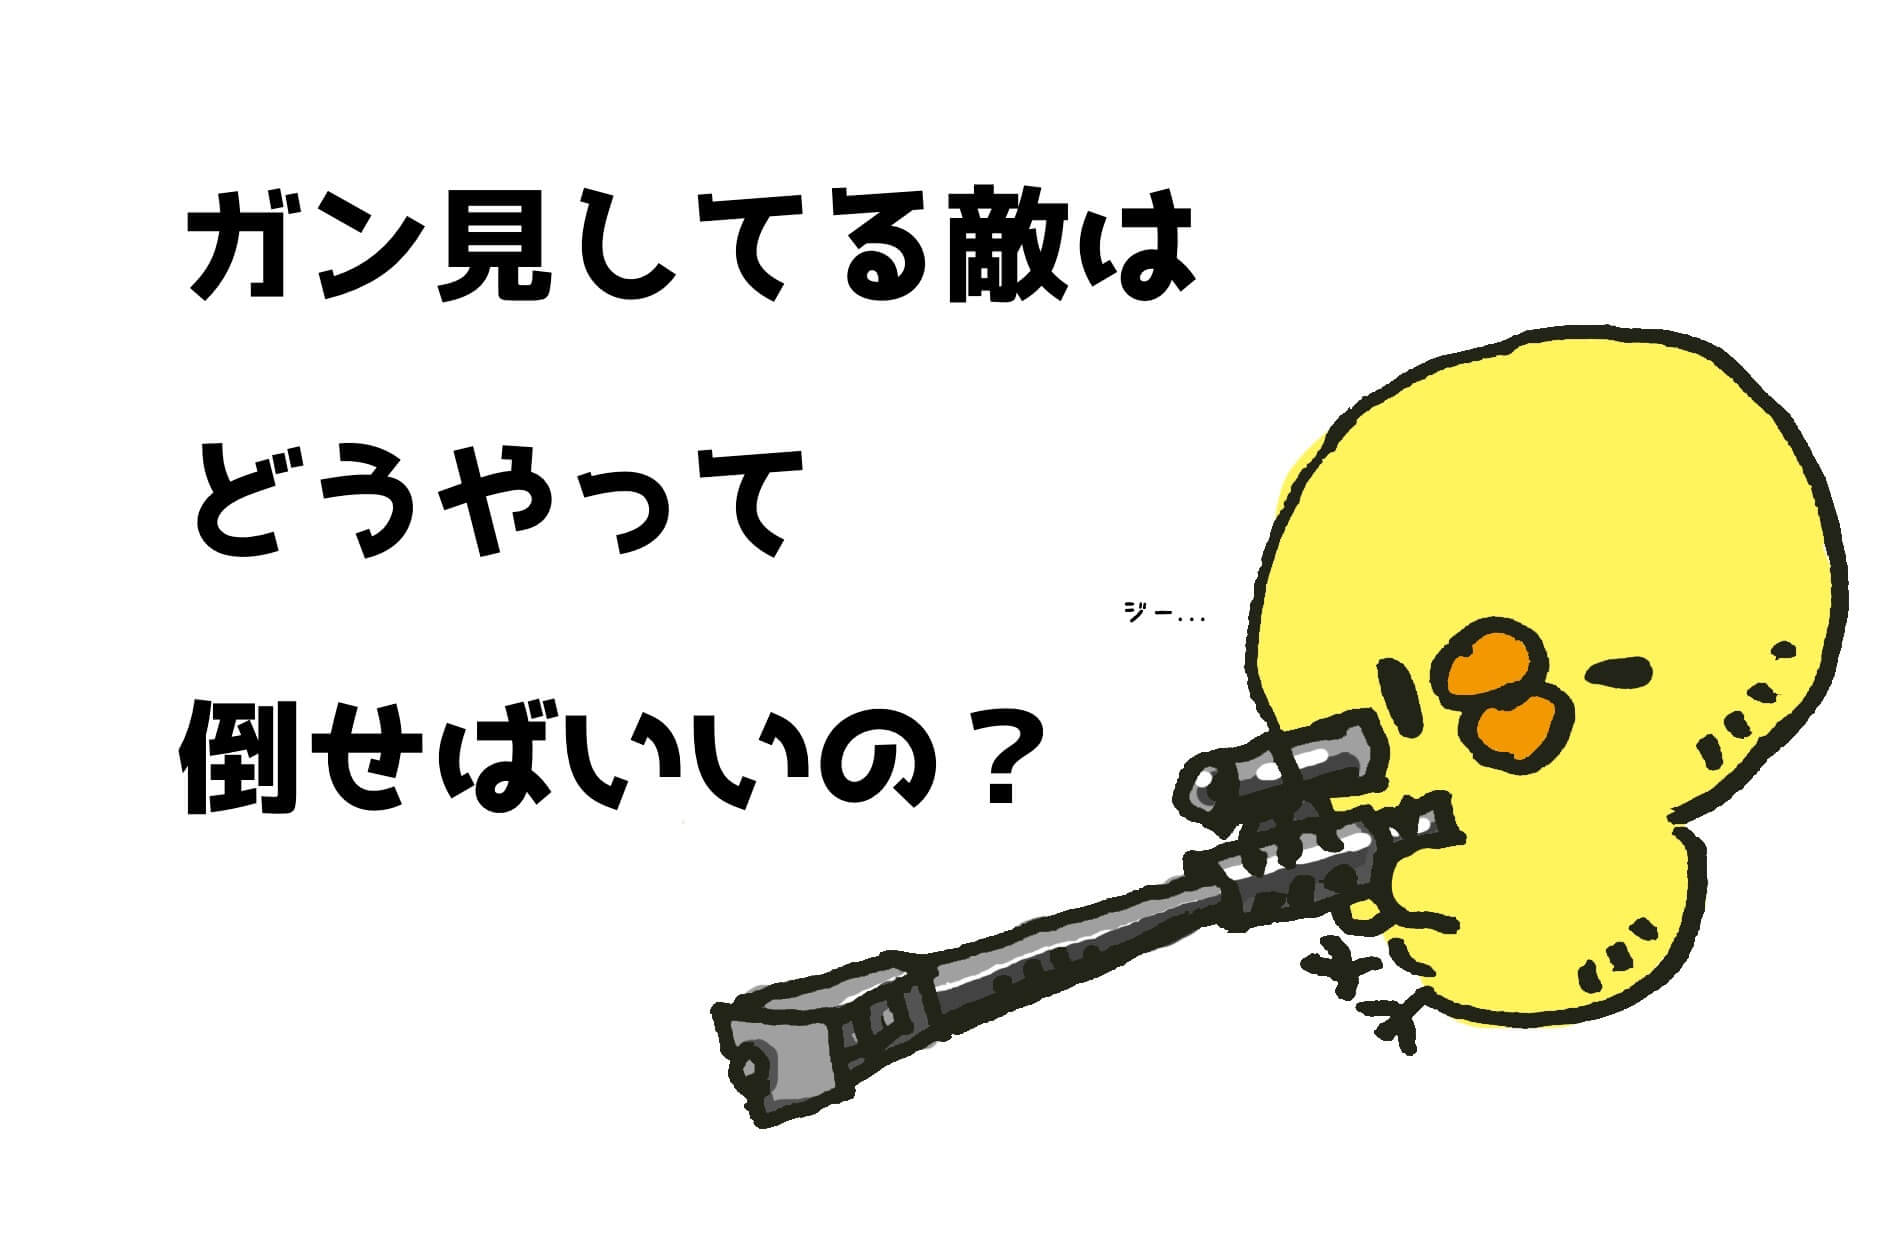 CoDでこっちをガン見してる敵に遭遇した時の対処法【FPS】